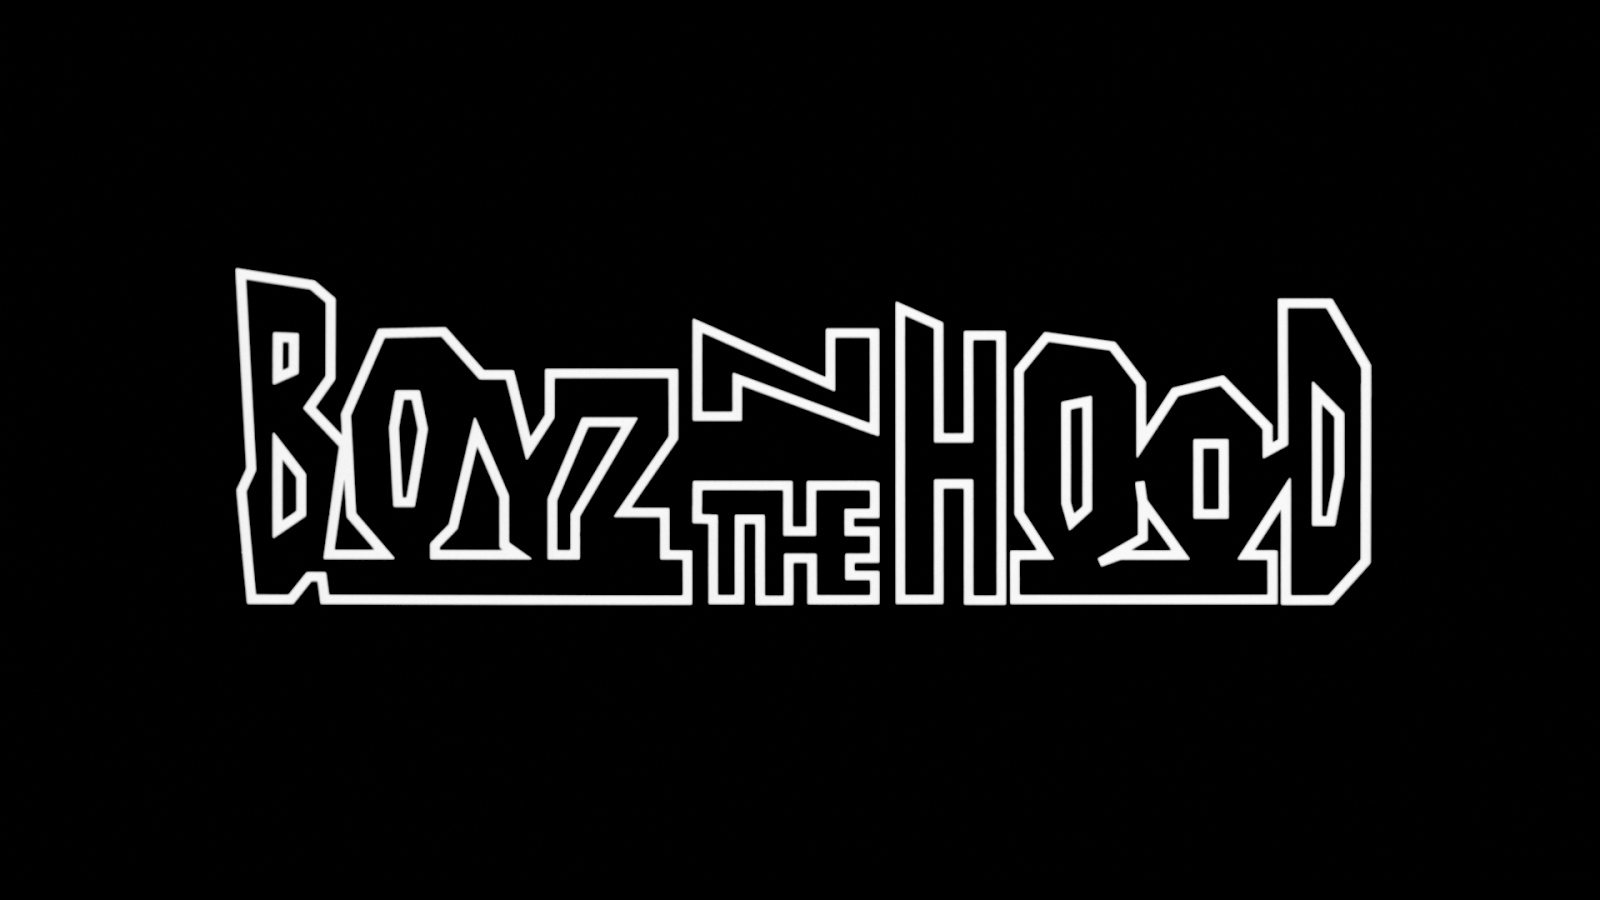 boyz n the hood essay